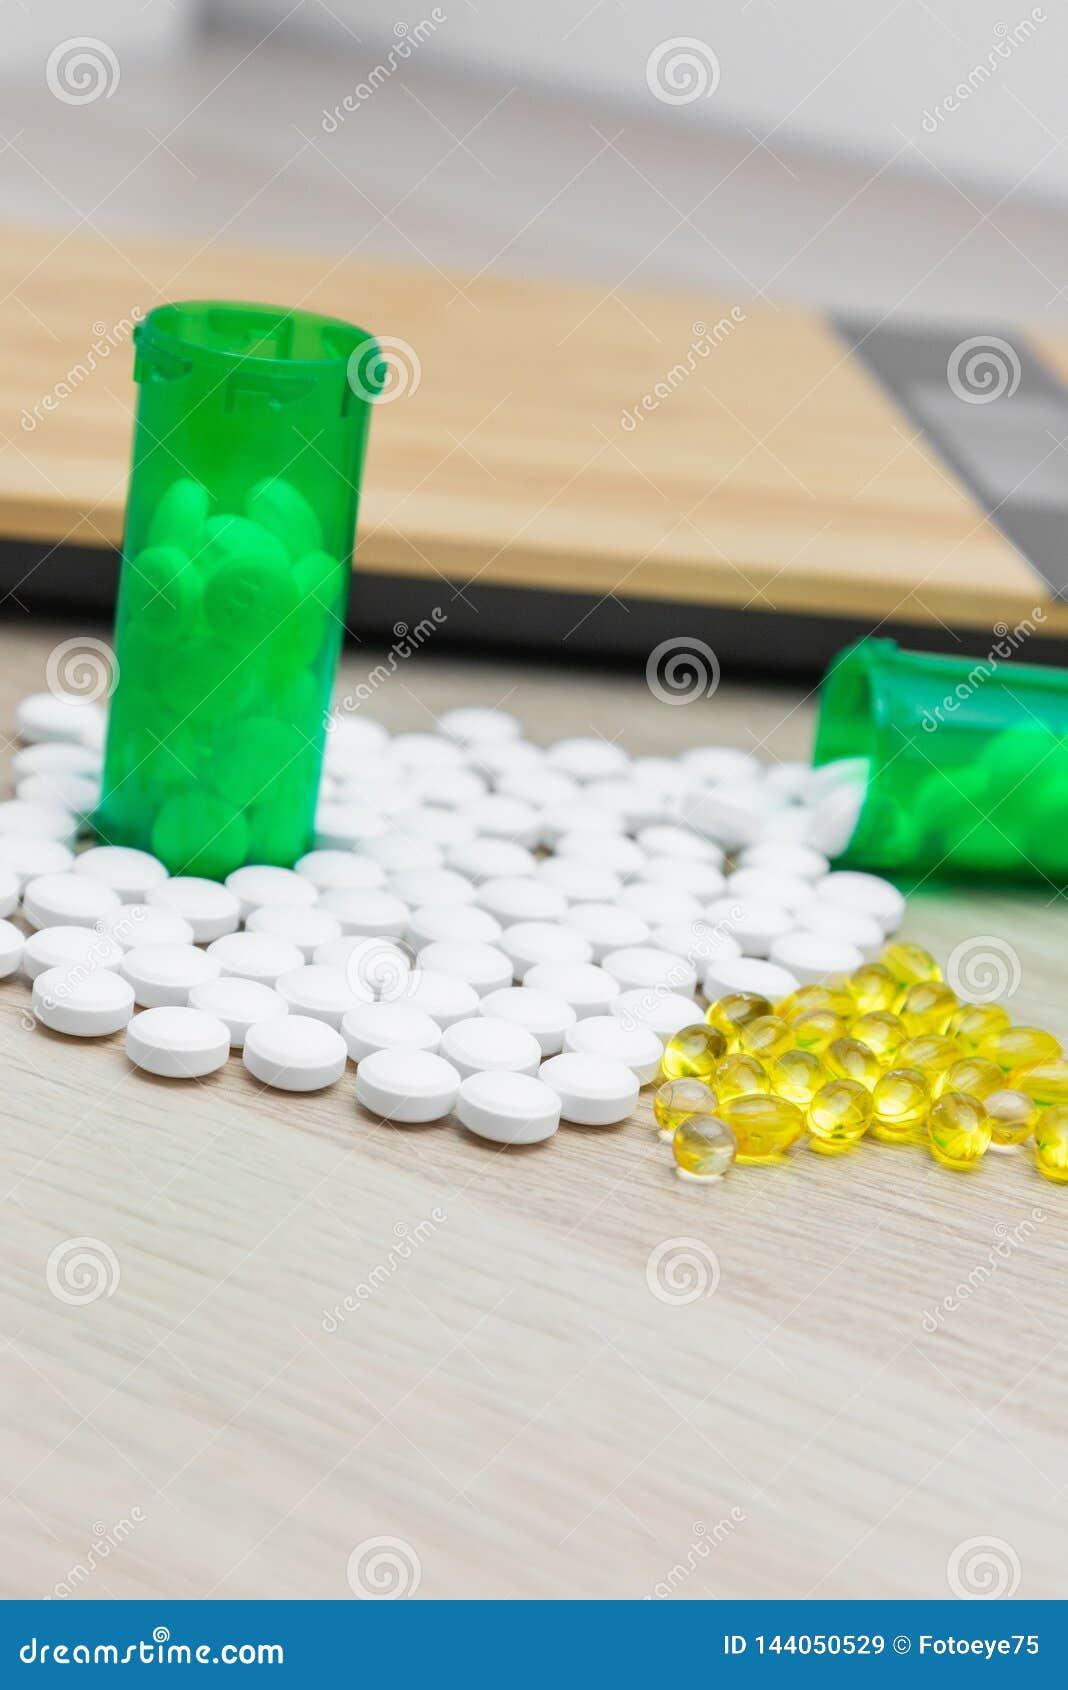 Pillen en groene flessen